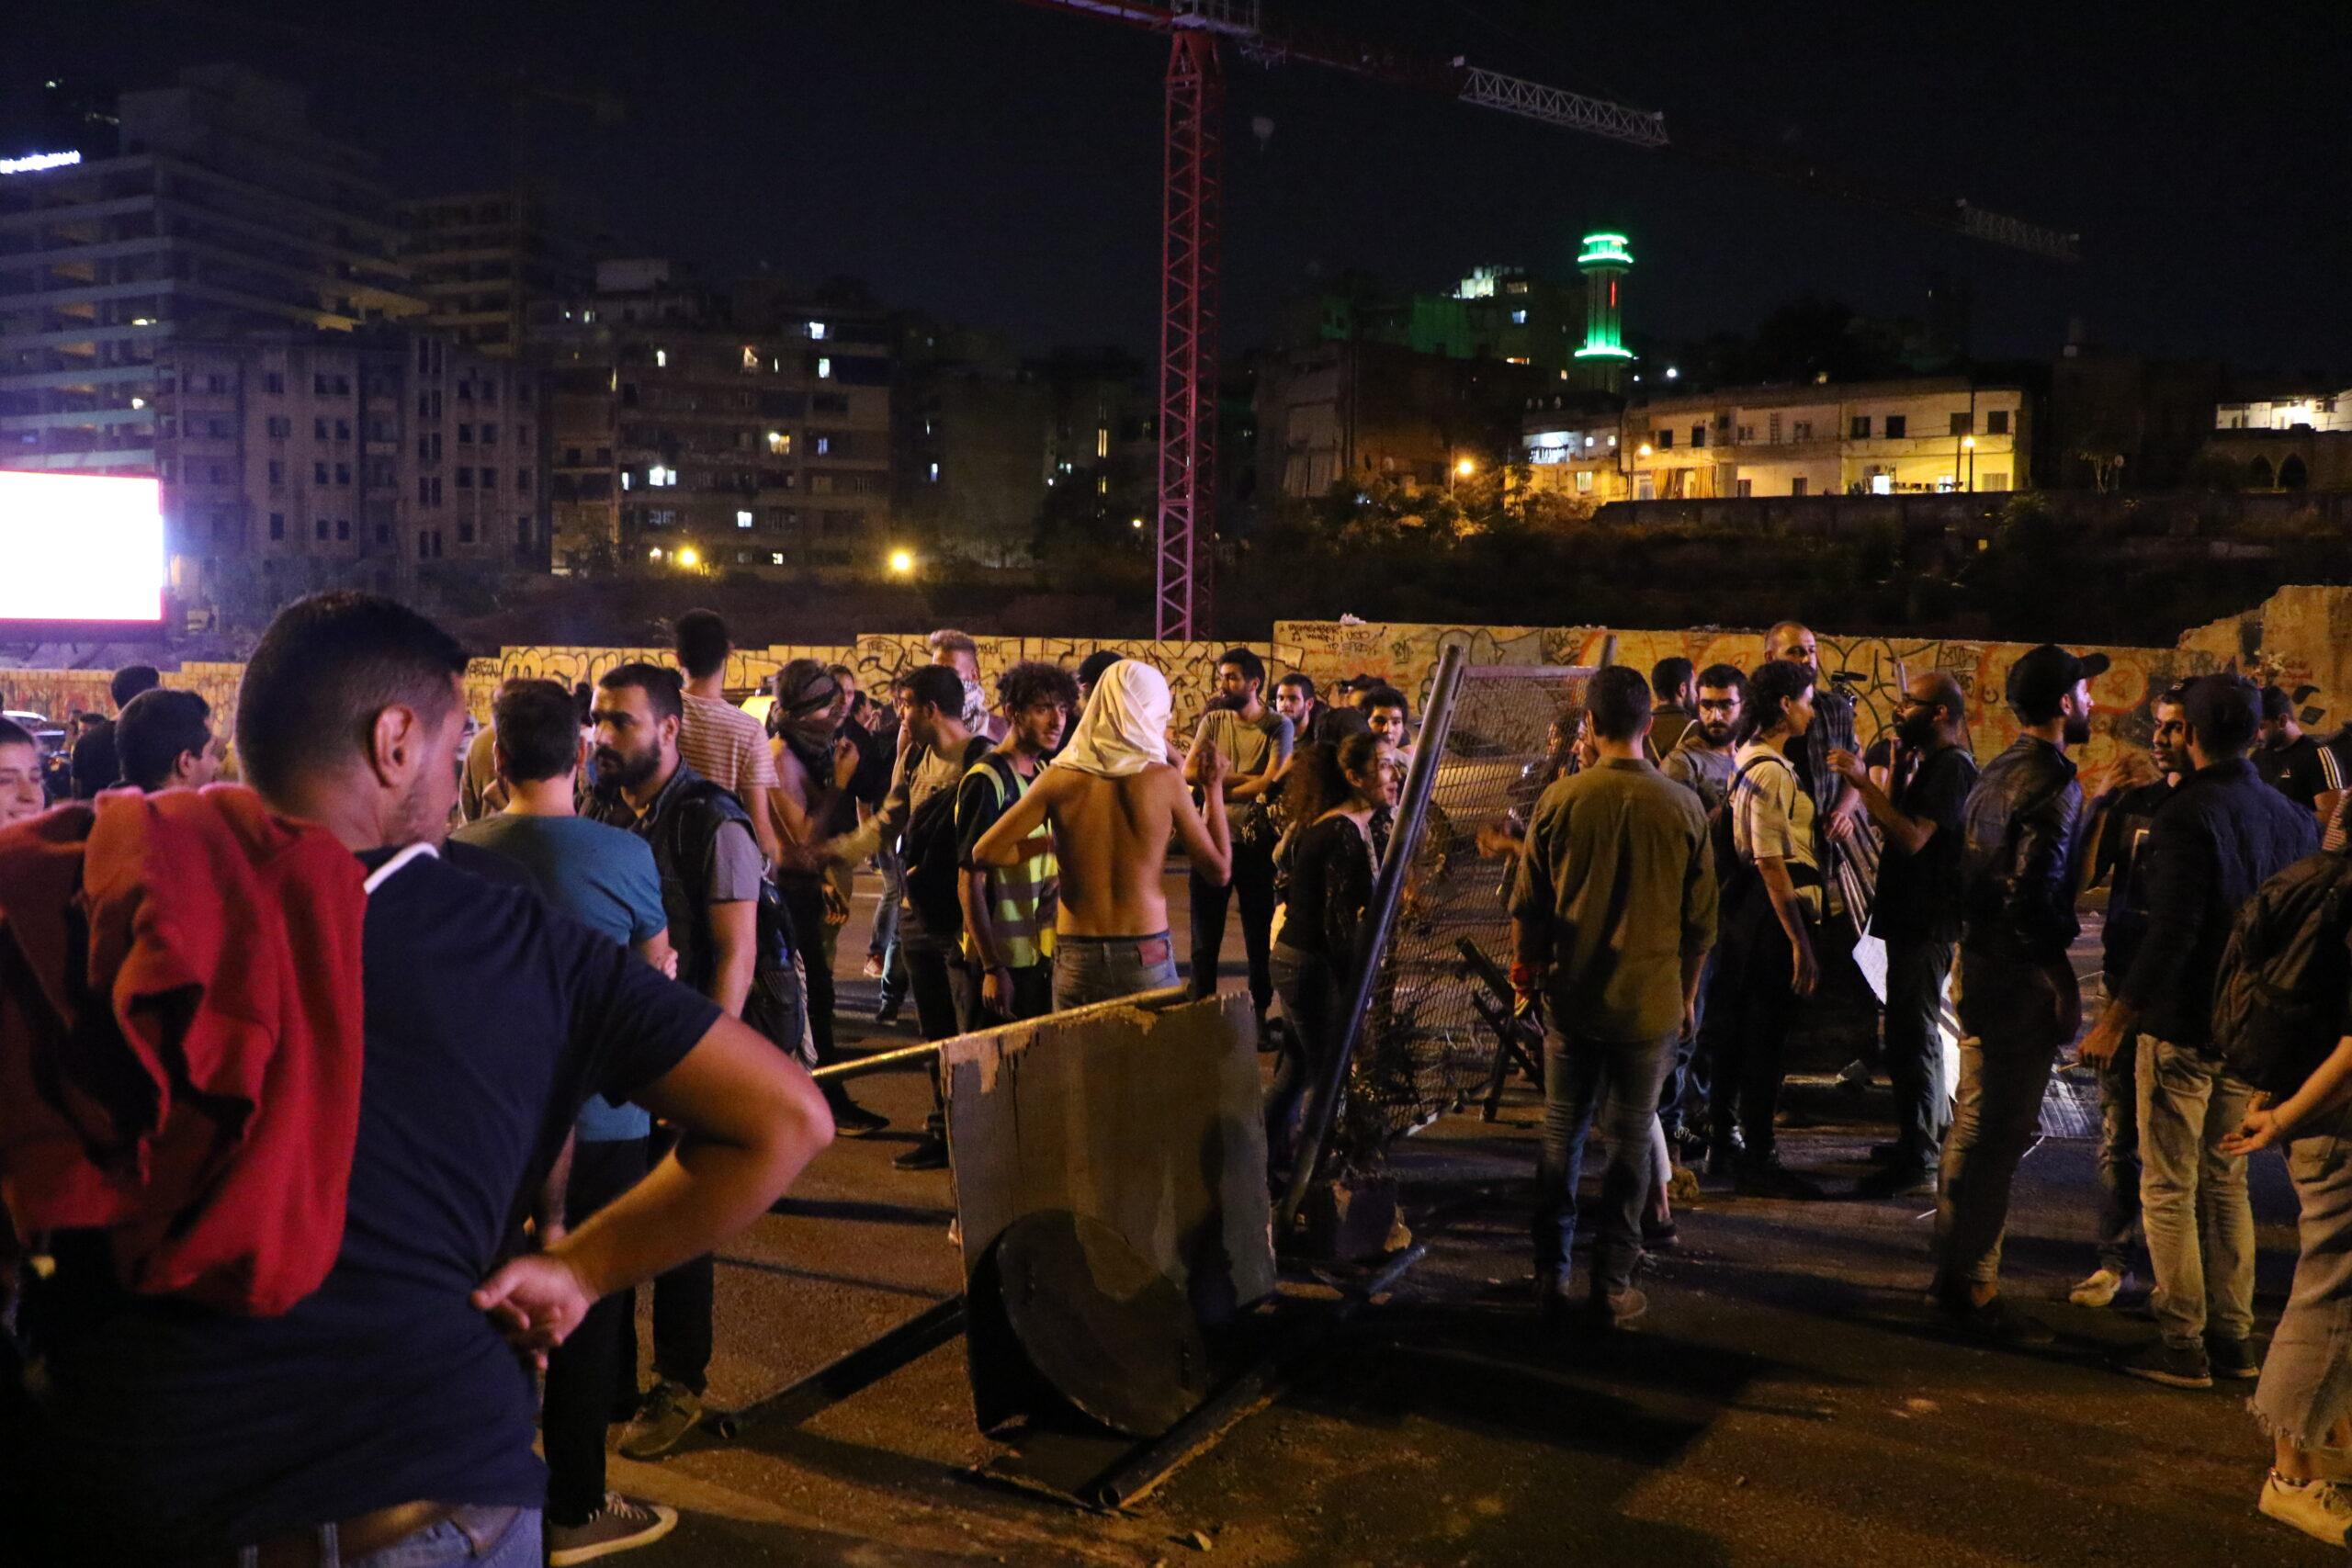 شبّان الخندق الغميق والمتظاهرون يتحاورون: وجعٌ واحد في وجه السلطة والإعلام!